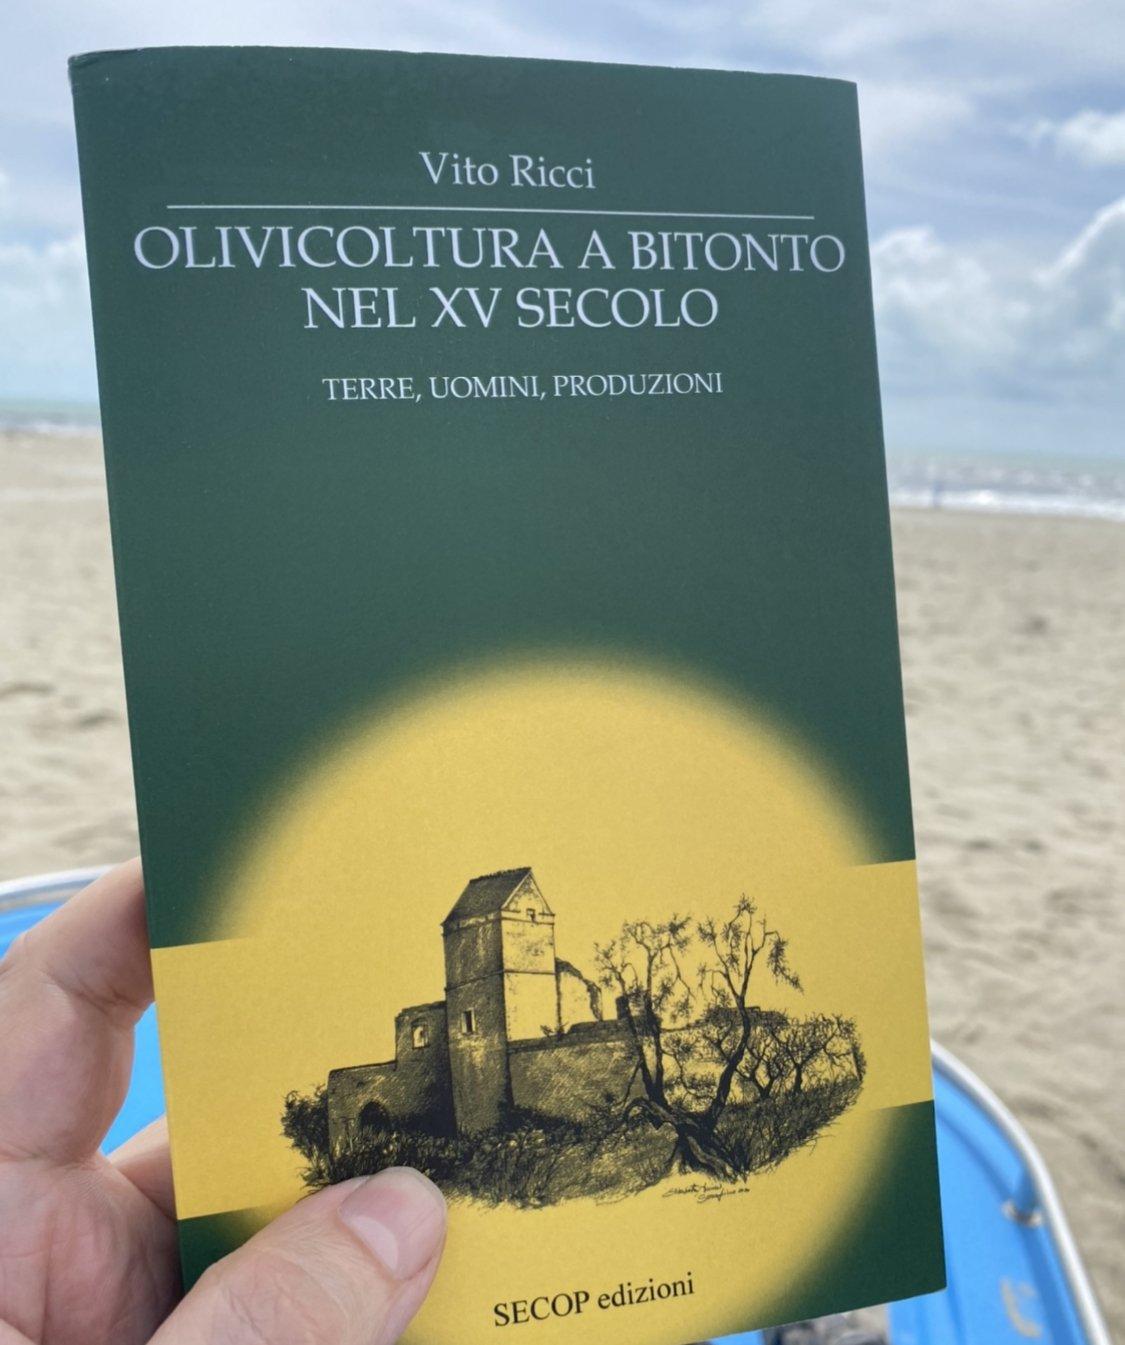 Come era l'olivicoltura a Bitonto nel XV secolo?